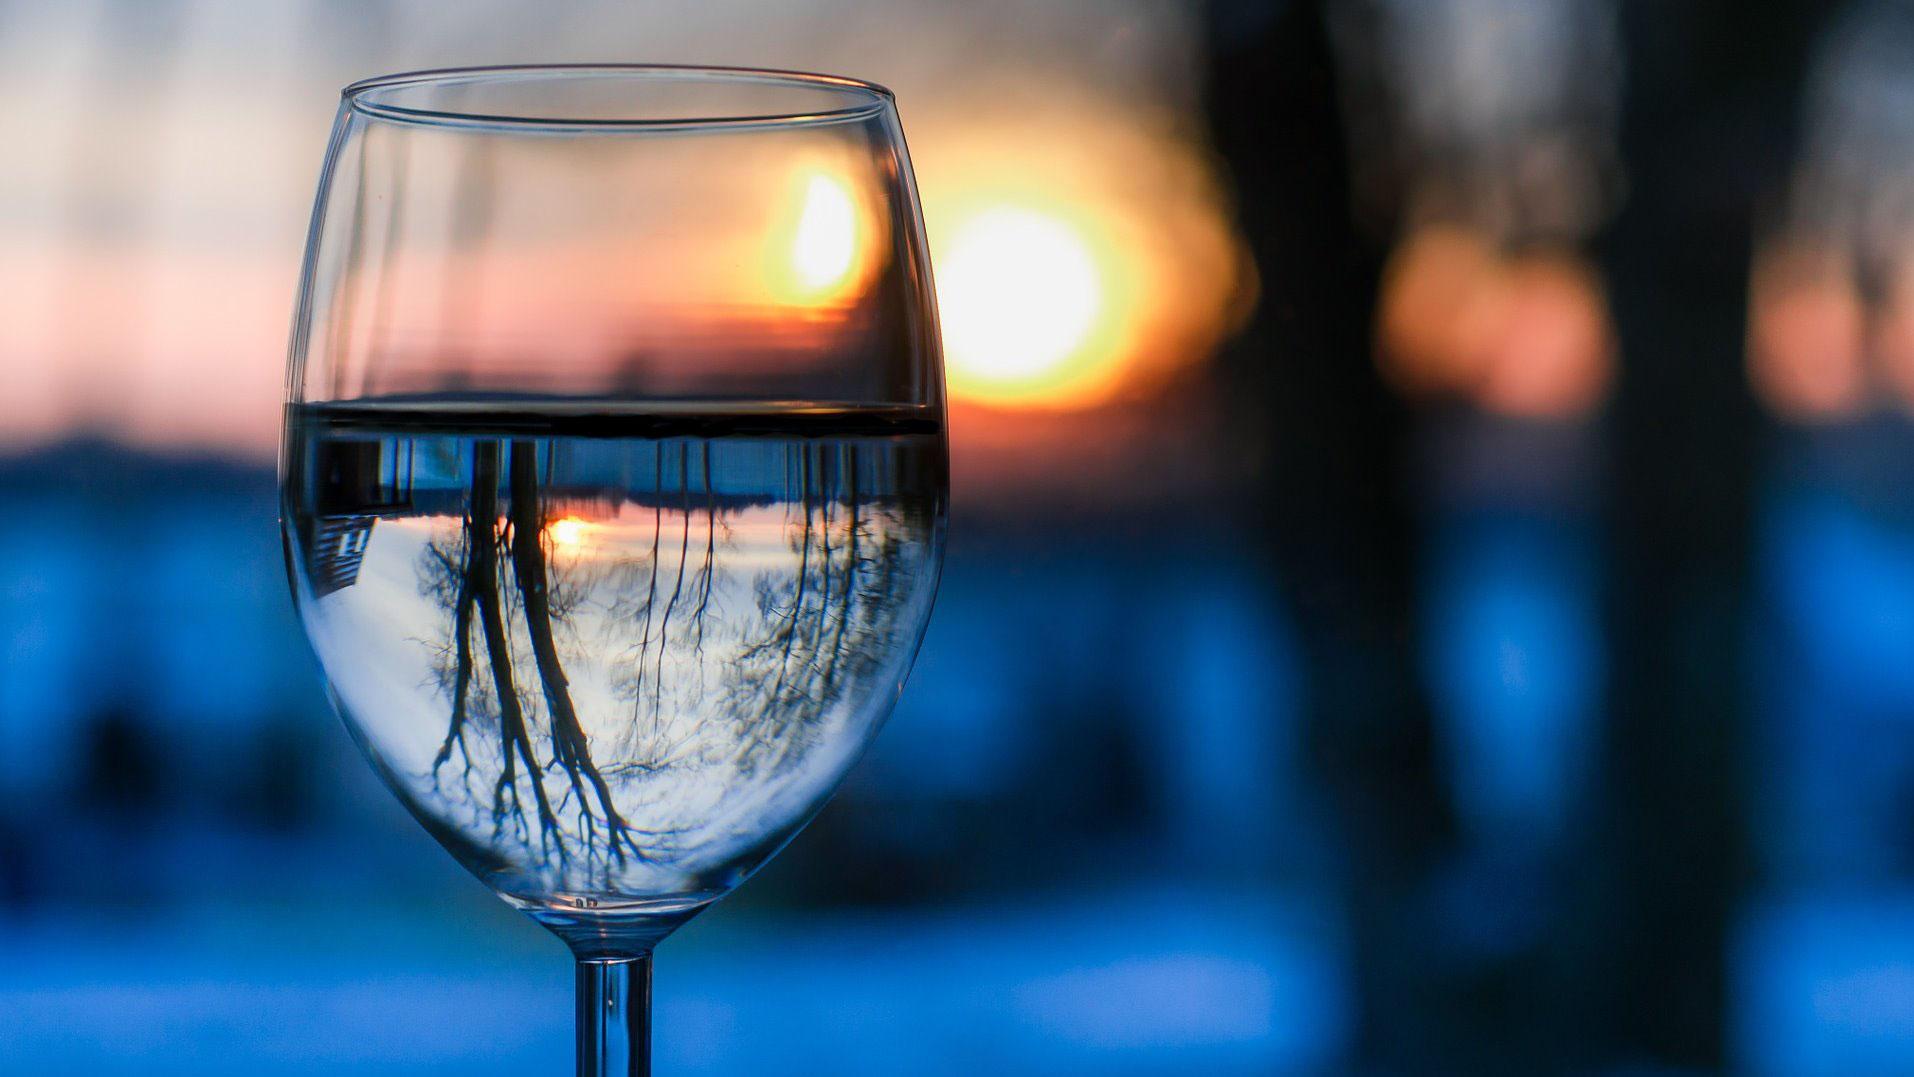 Kết quả hình ảnh cho عکاسی از ظروف شیشه ای